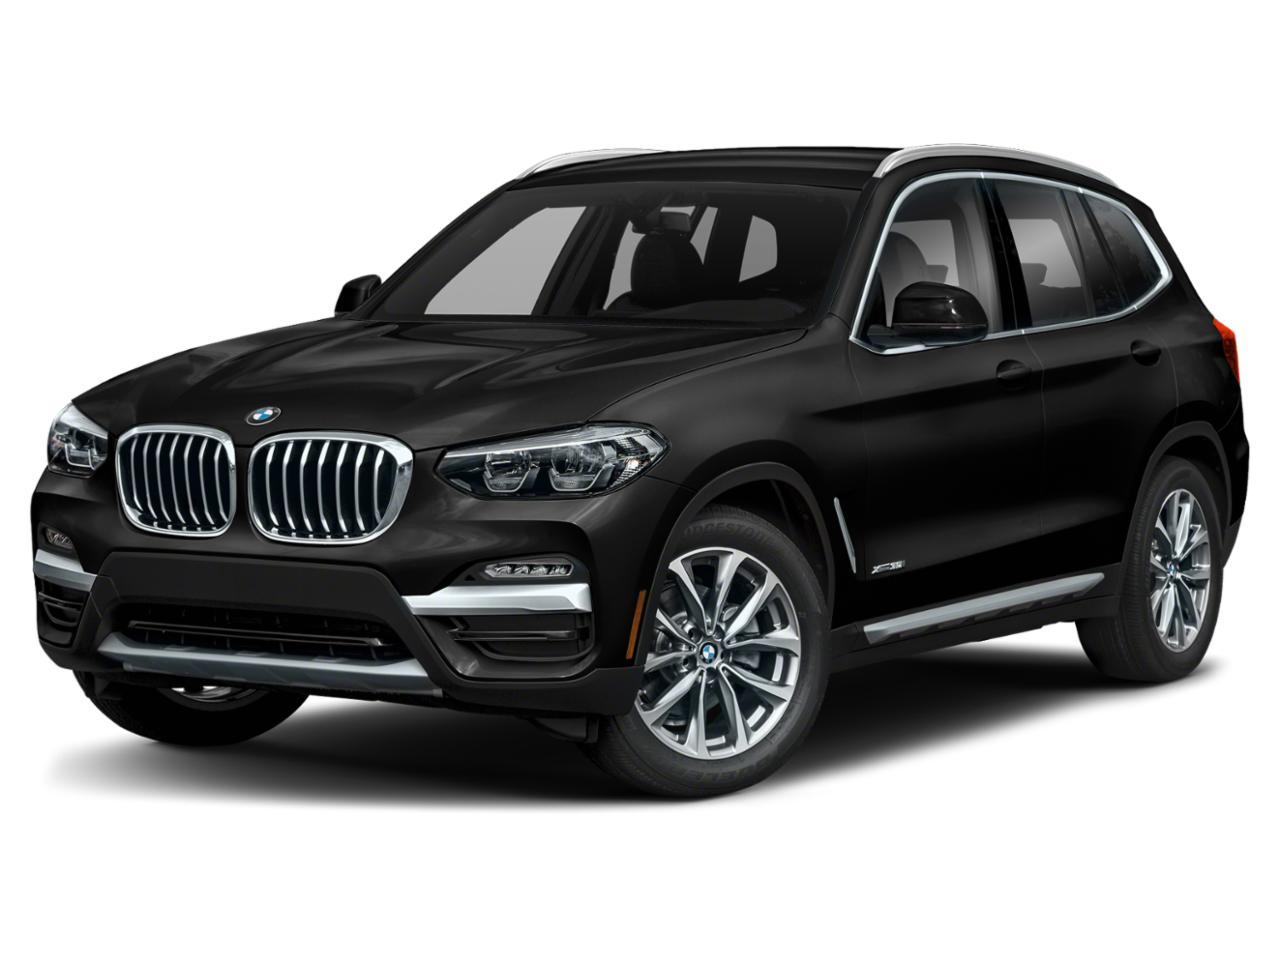 2018 BMW X3 xDrive30i Vehicle Photo in Pleasanton, CA 94588